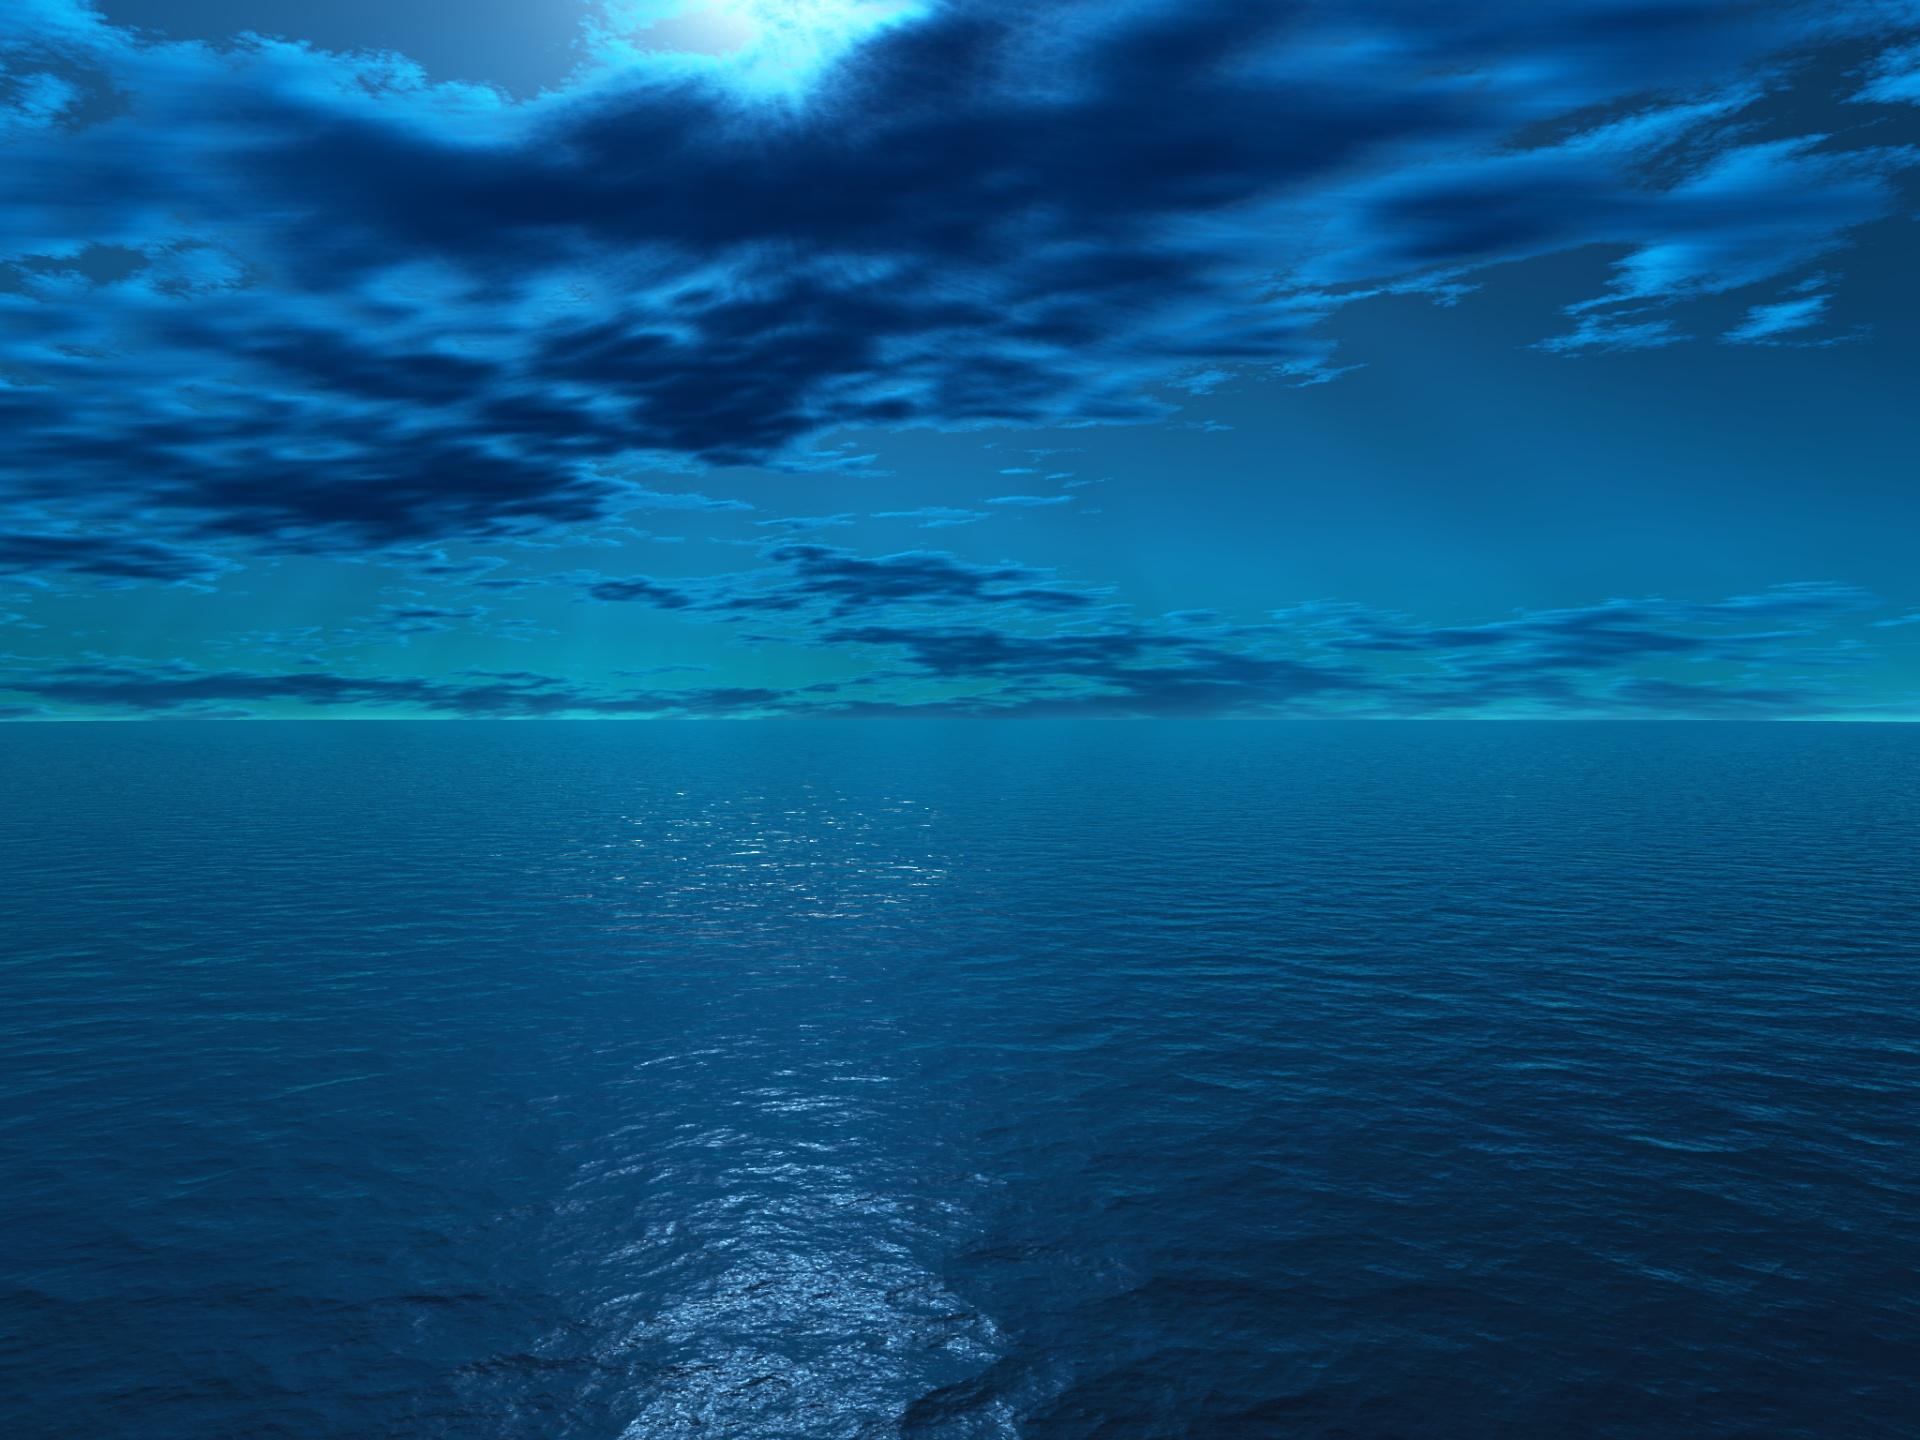 Fond d 39 ecran ocean magnifique for Magnifique fond ecran